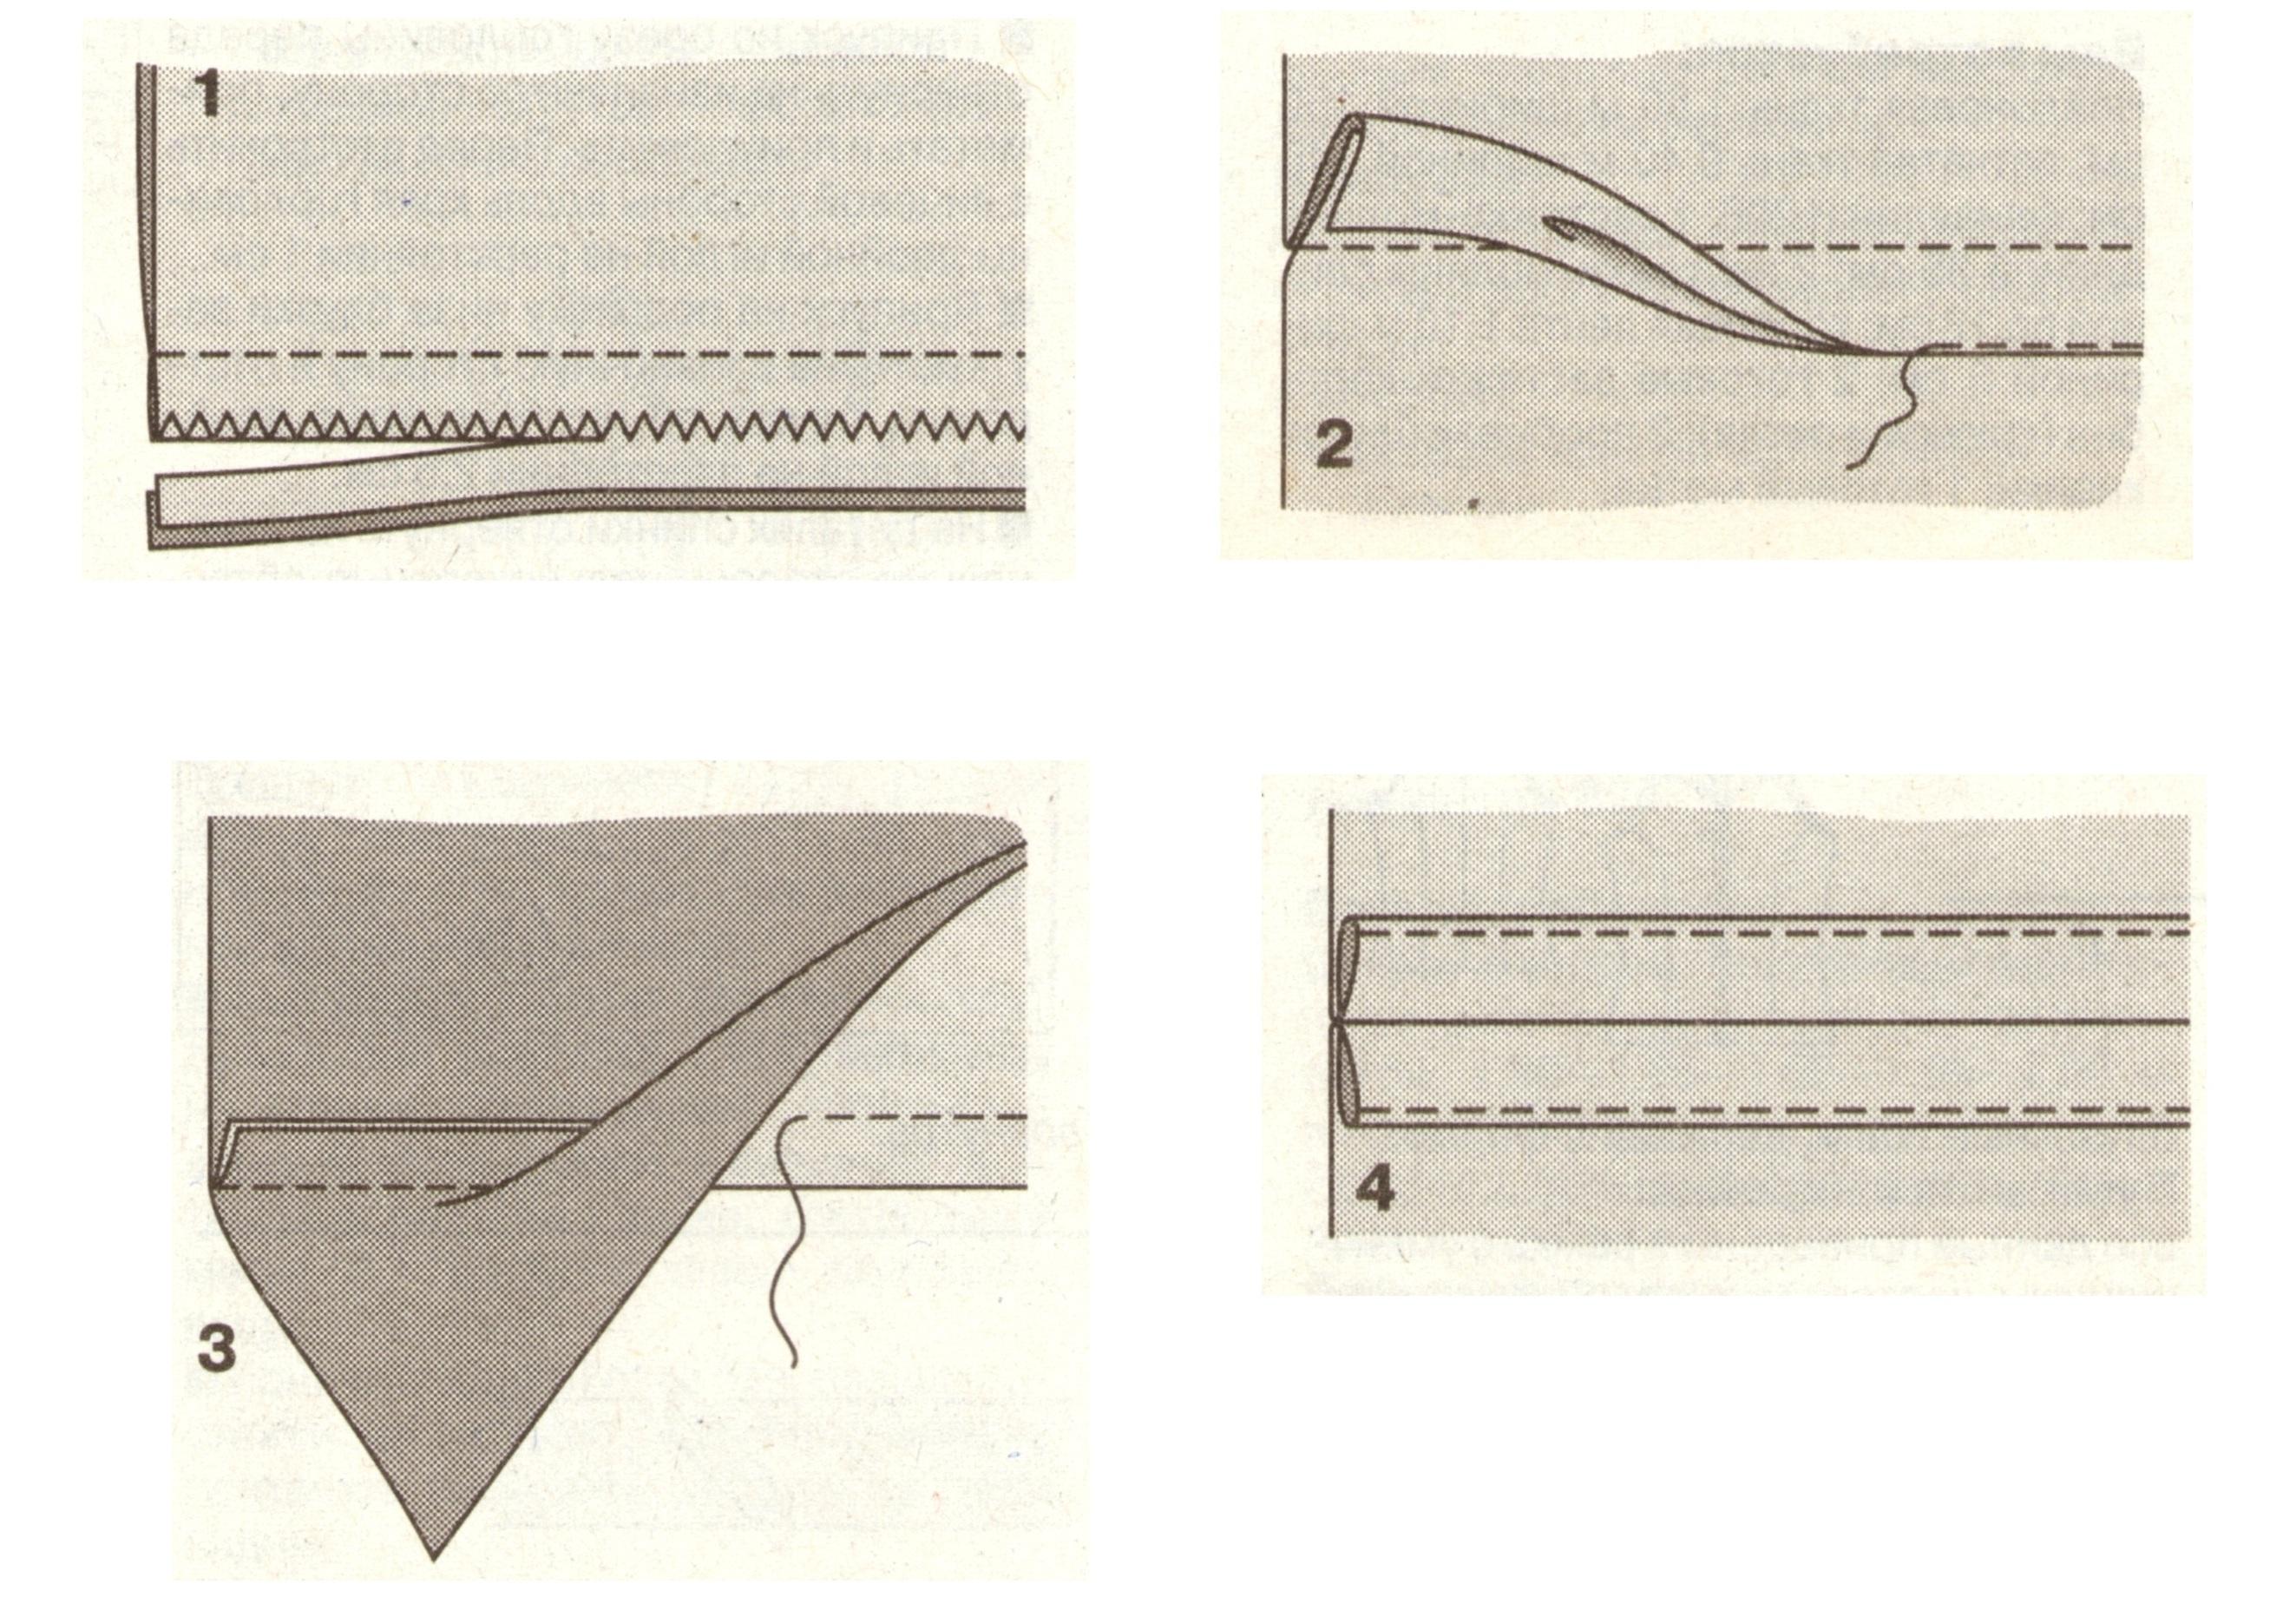 Как обработать припуски швов без оверлока - мастер-класс Корфиати 76